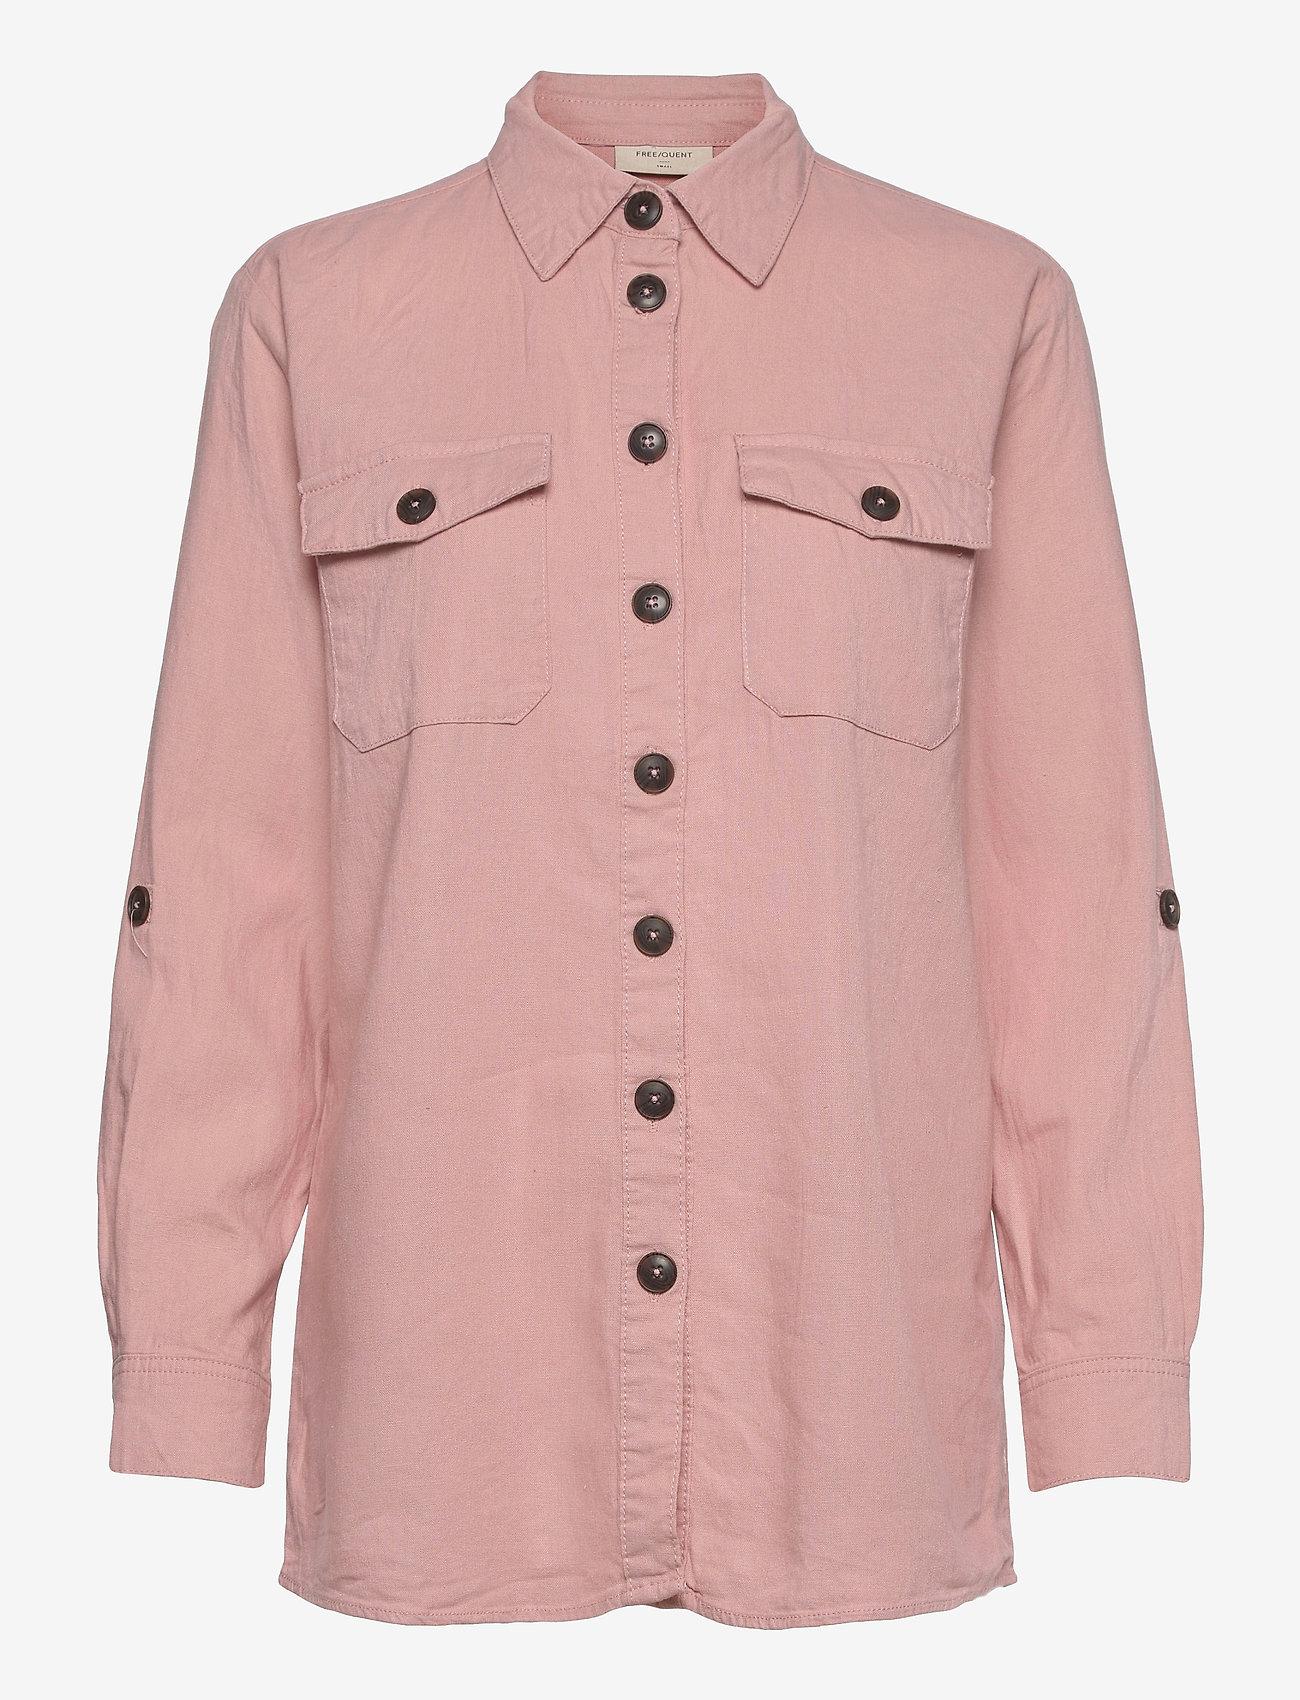 FREE/QUENT - FQLAVA-SH - langærmede skjorter - silver pink - 0